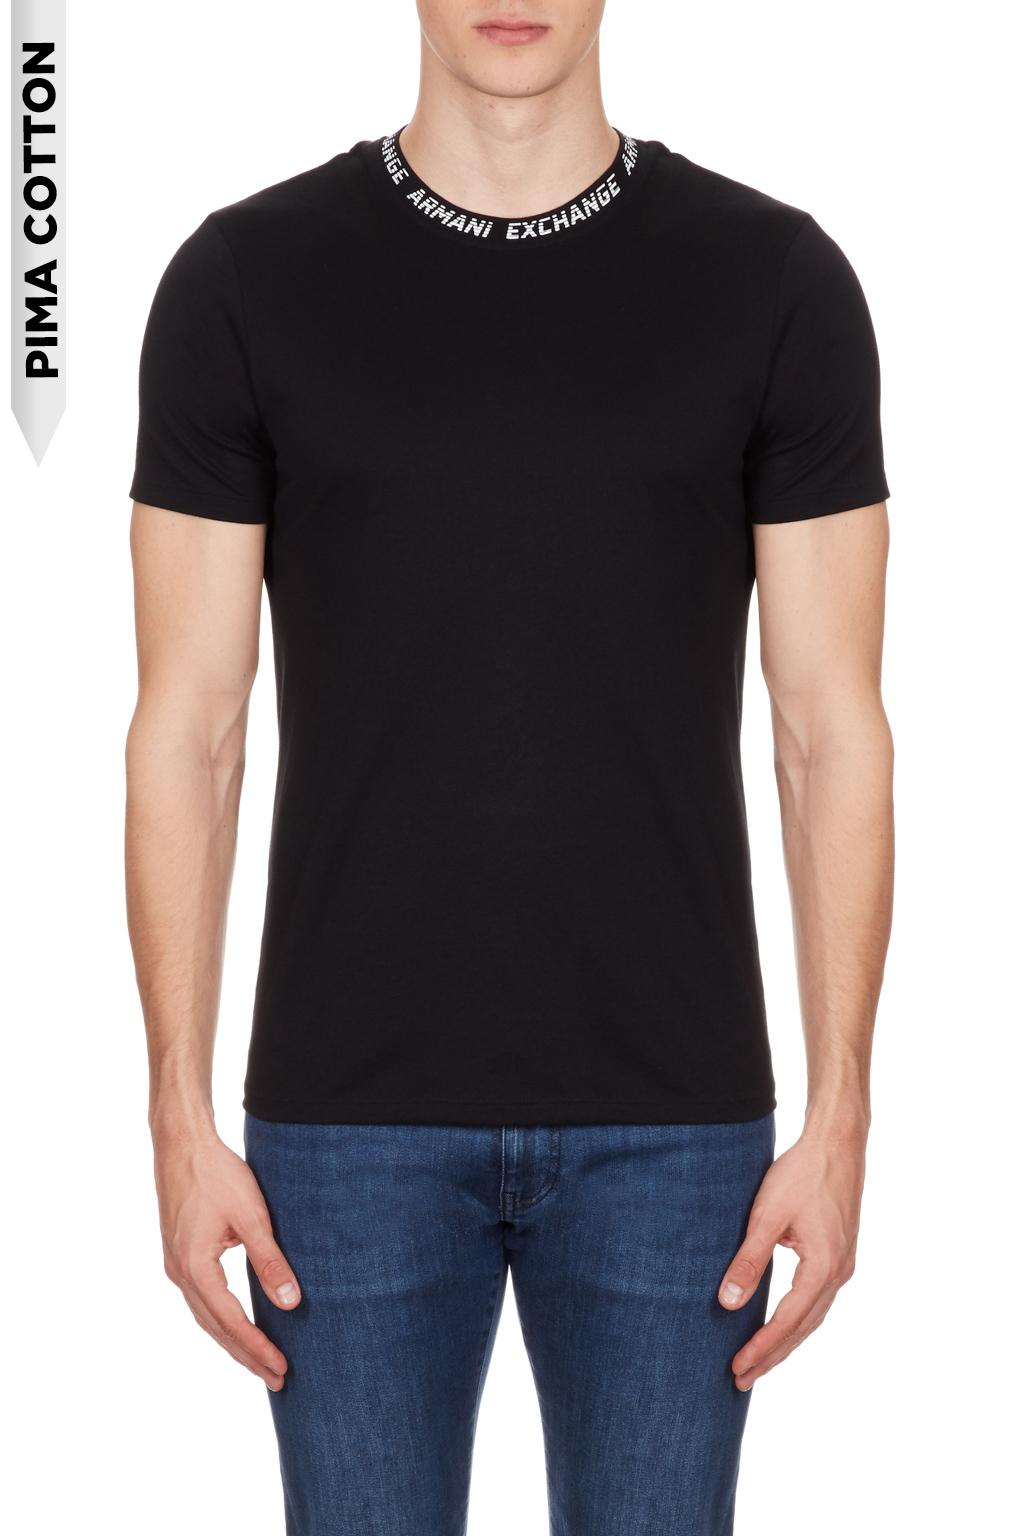 T-shirt uomo manica corta girocollo ARMANI EXCHANGE